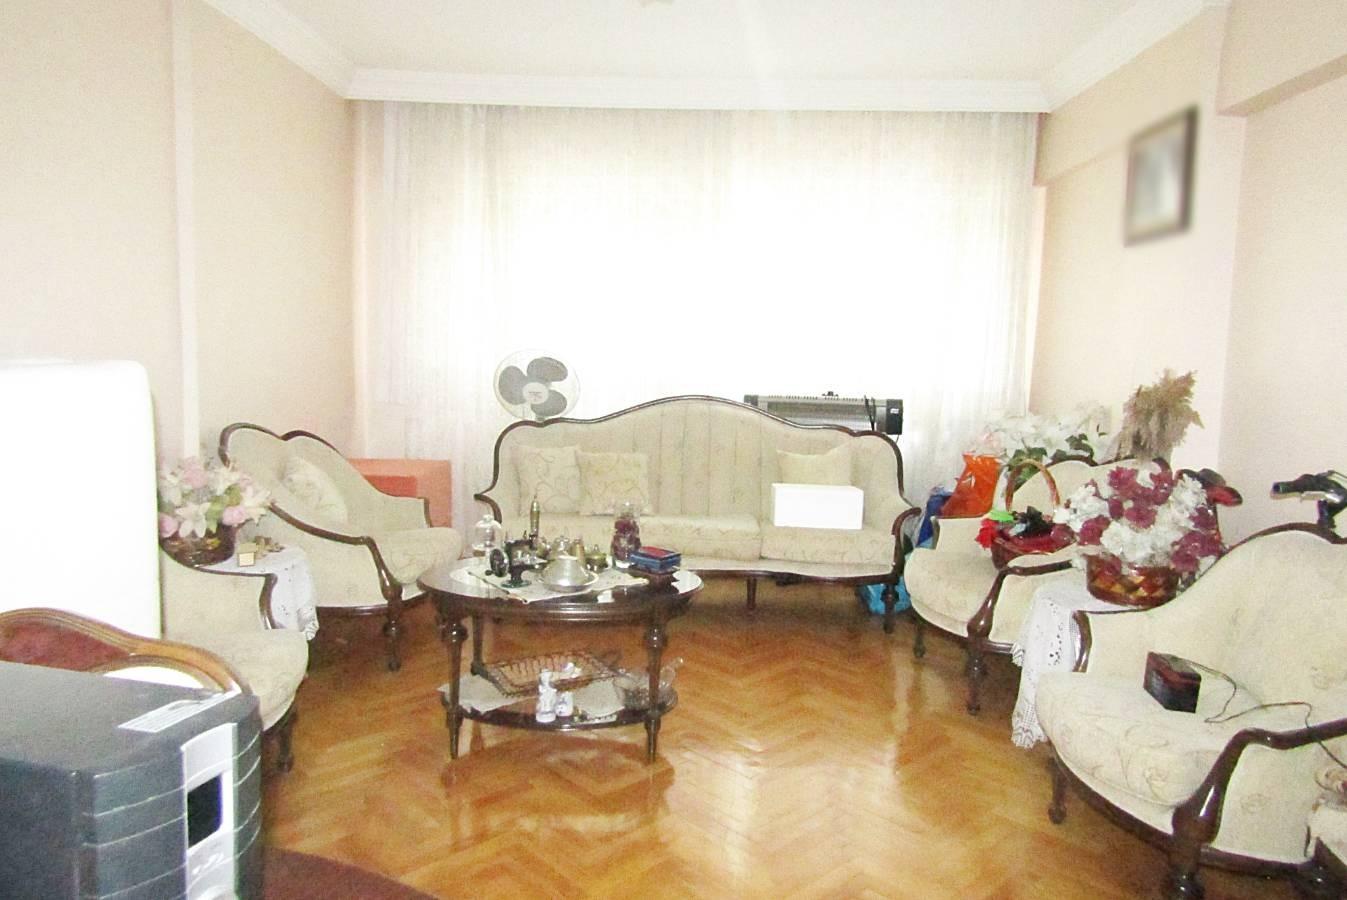 SR EMLAK'TAN K.KARABEKİR  MAH'DE 3+1 110 m²  ARA KATTA BAĞIMSIZ ÖN CEPHE TRENE YAKIN DAİRE